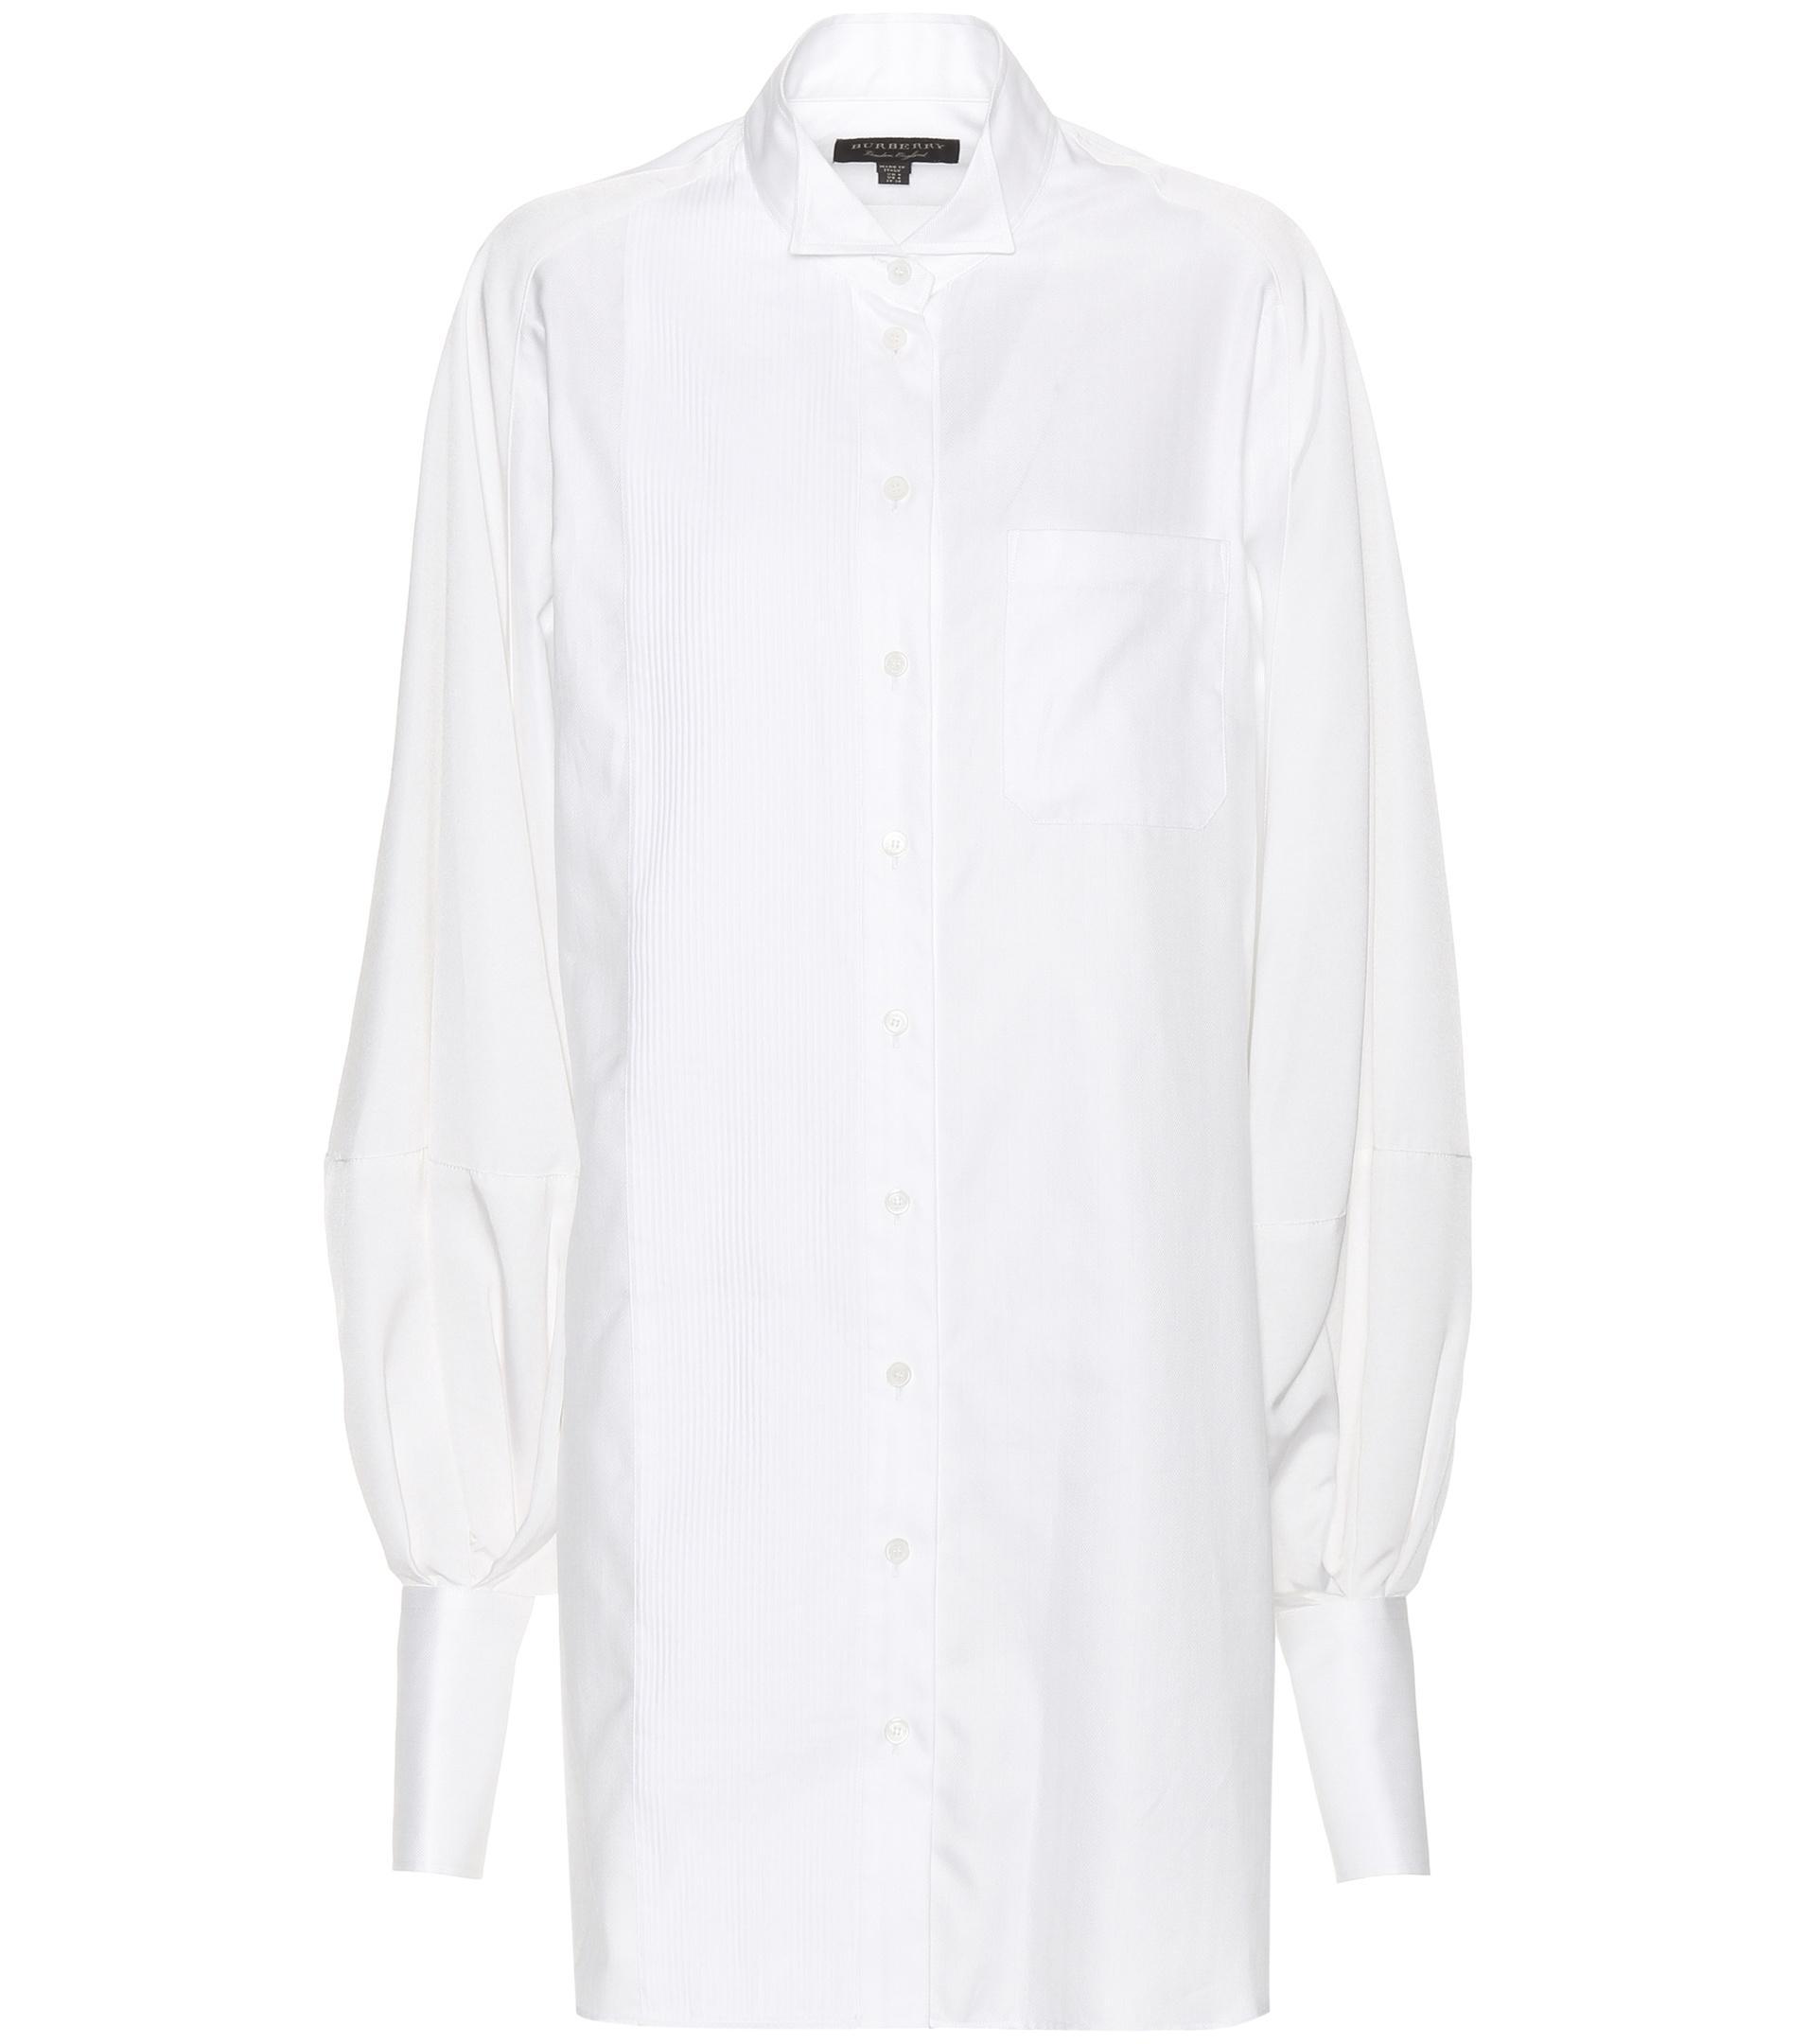 Burberry herringbone cotton shirt dress in white lyst for White herringbone dress shirt